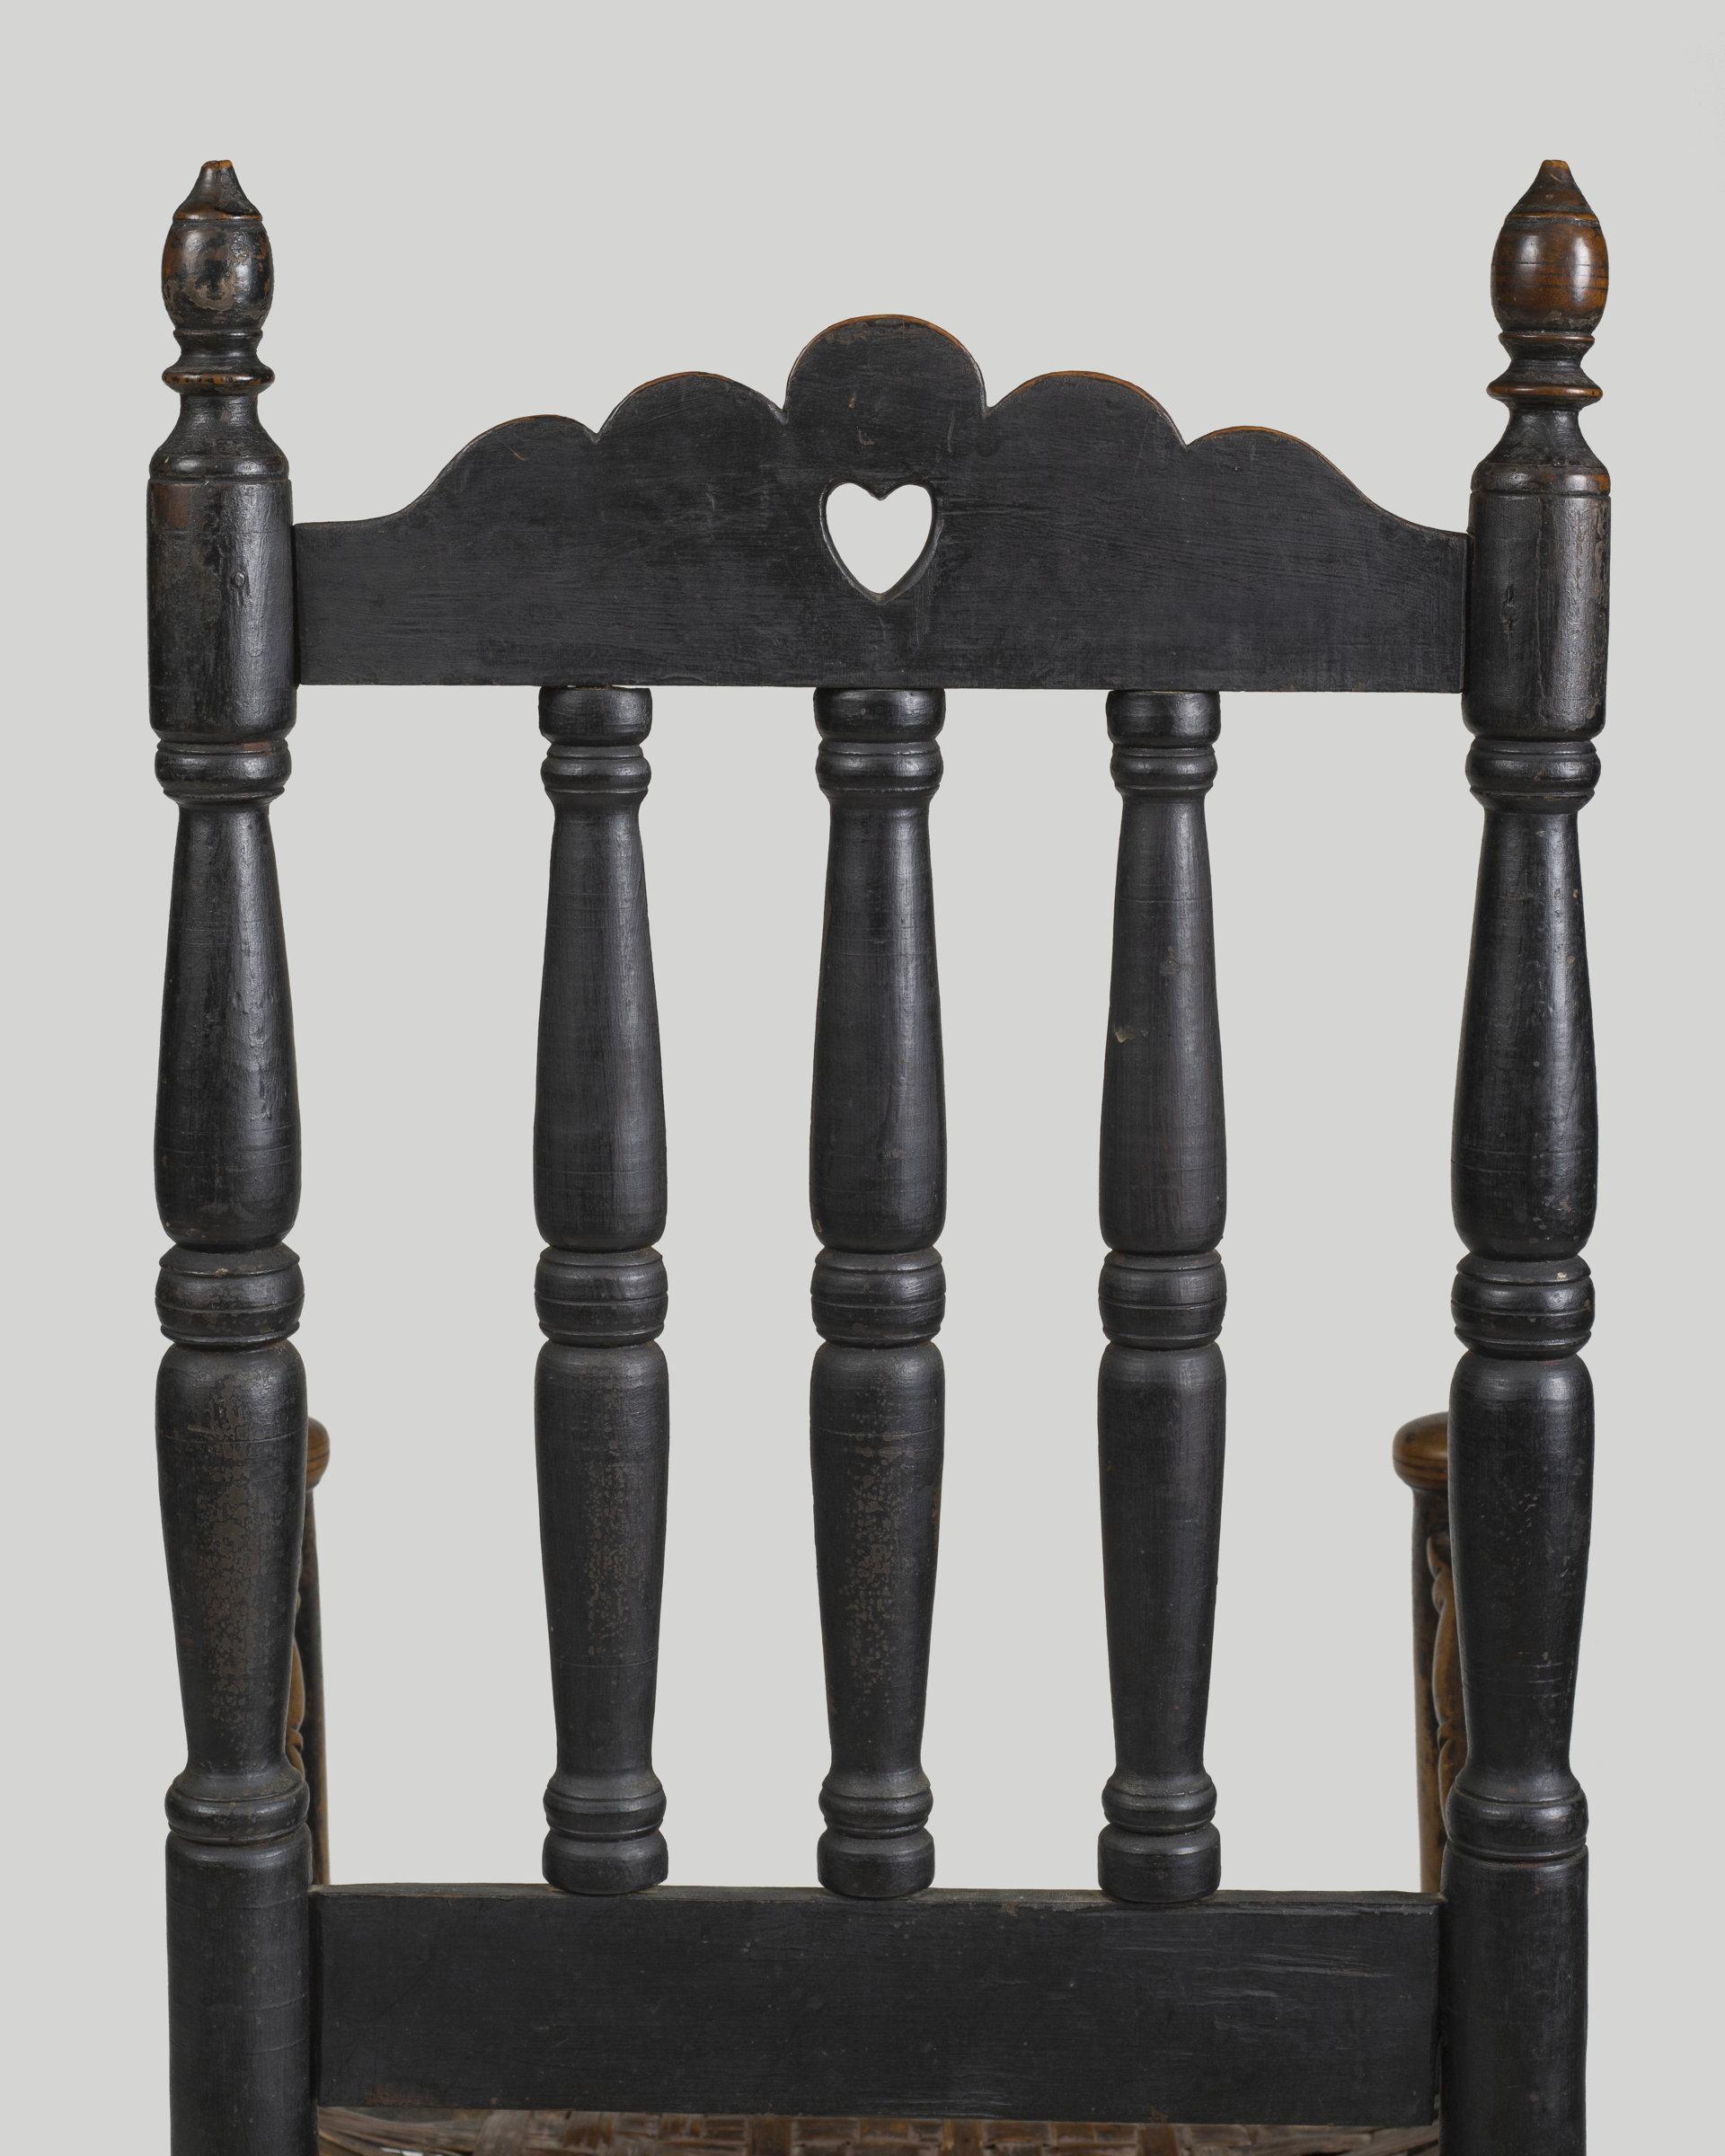 Tremendous Peter H Eaton Antiques 8 Federal St Wiscasset Me 04578 Machost Co Dining Chair Design Ideas Machostcouk